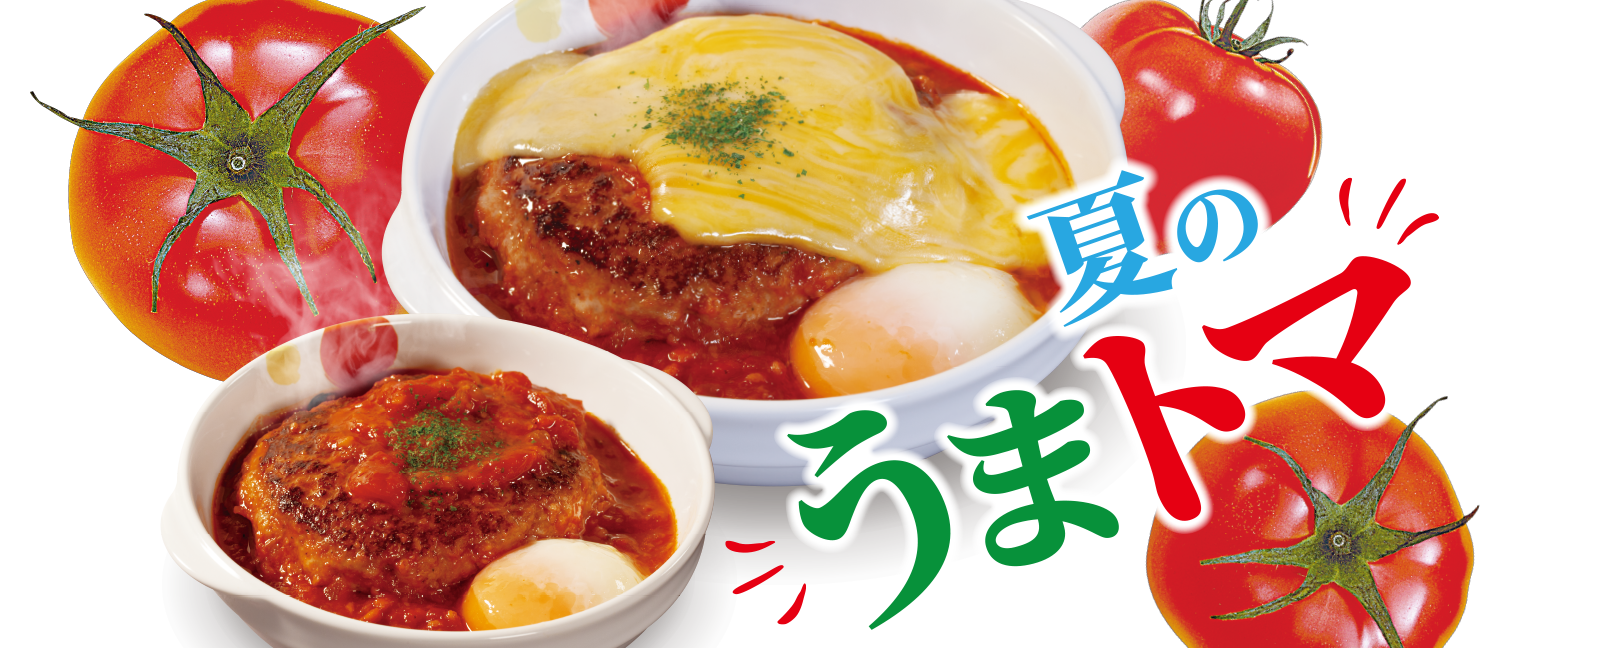 うまトマハンバーグシリーズ 発売!